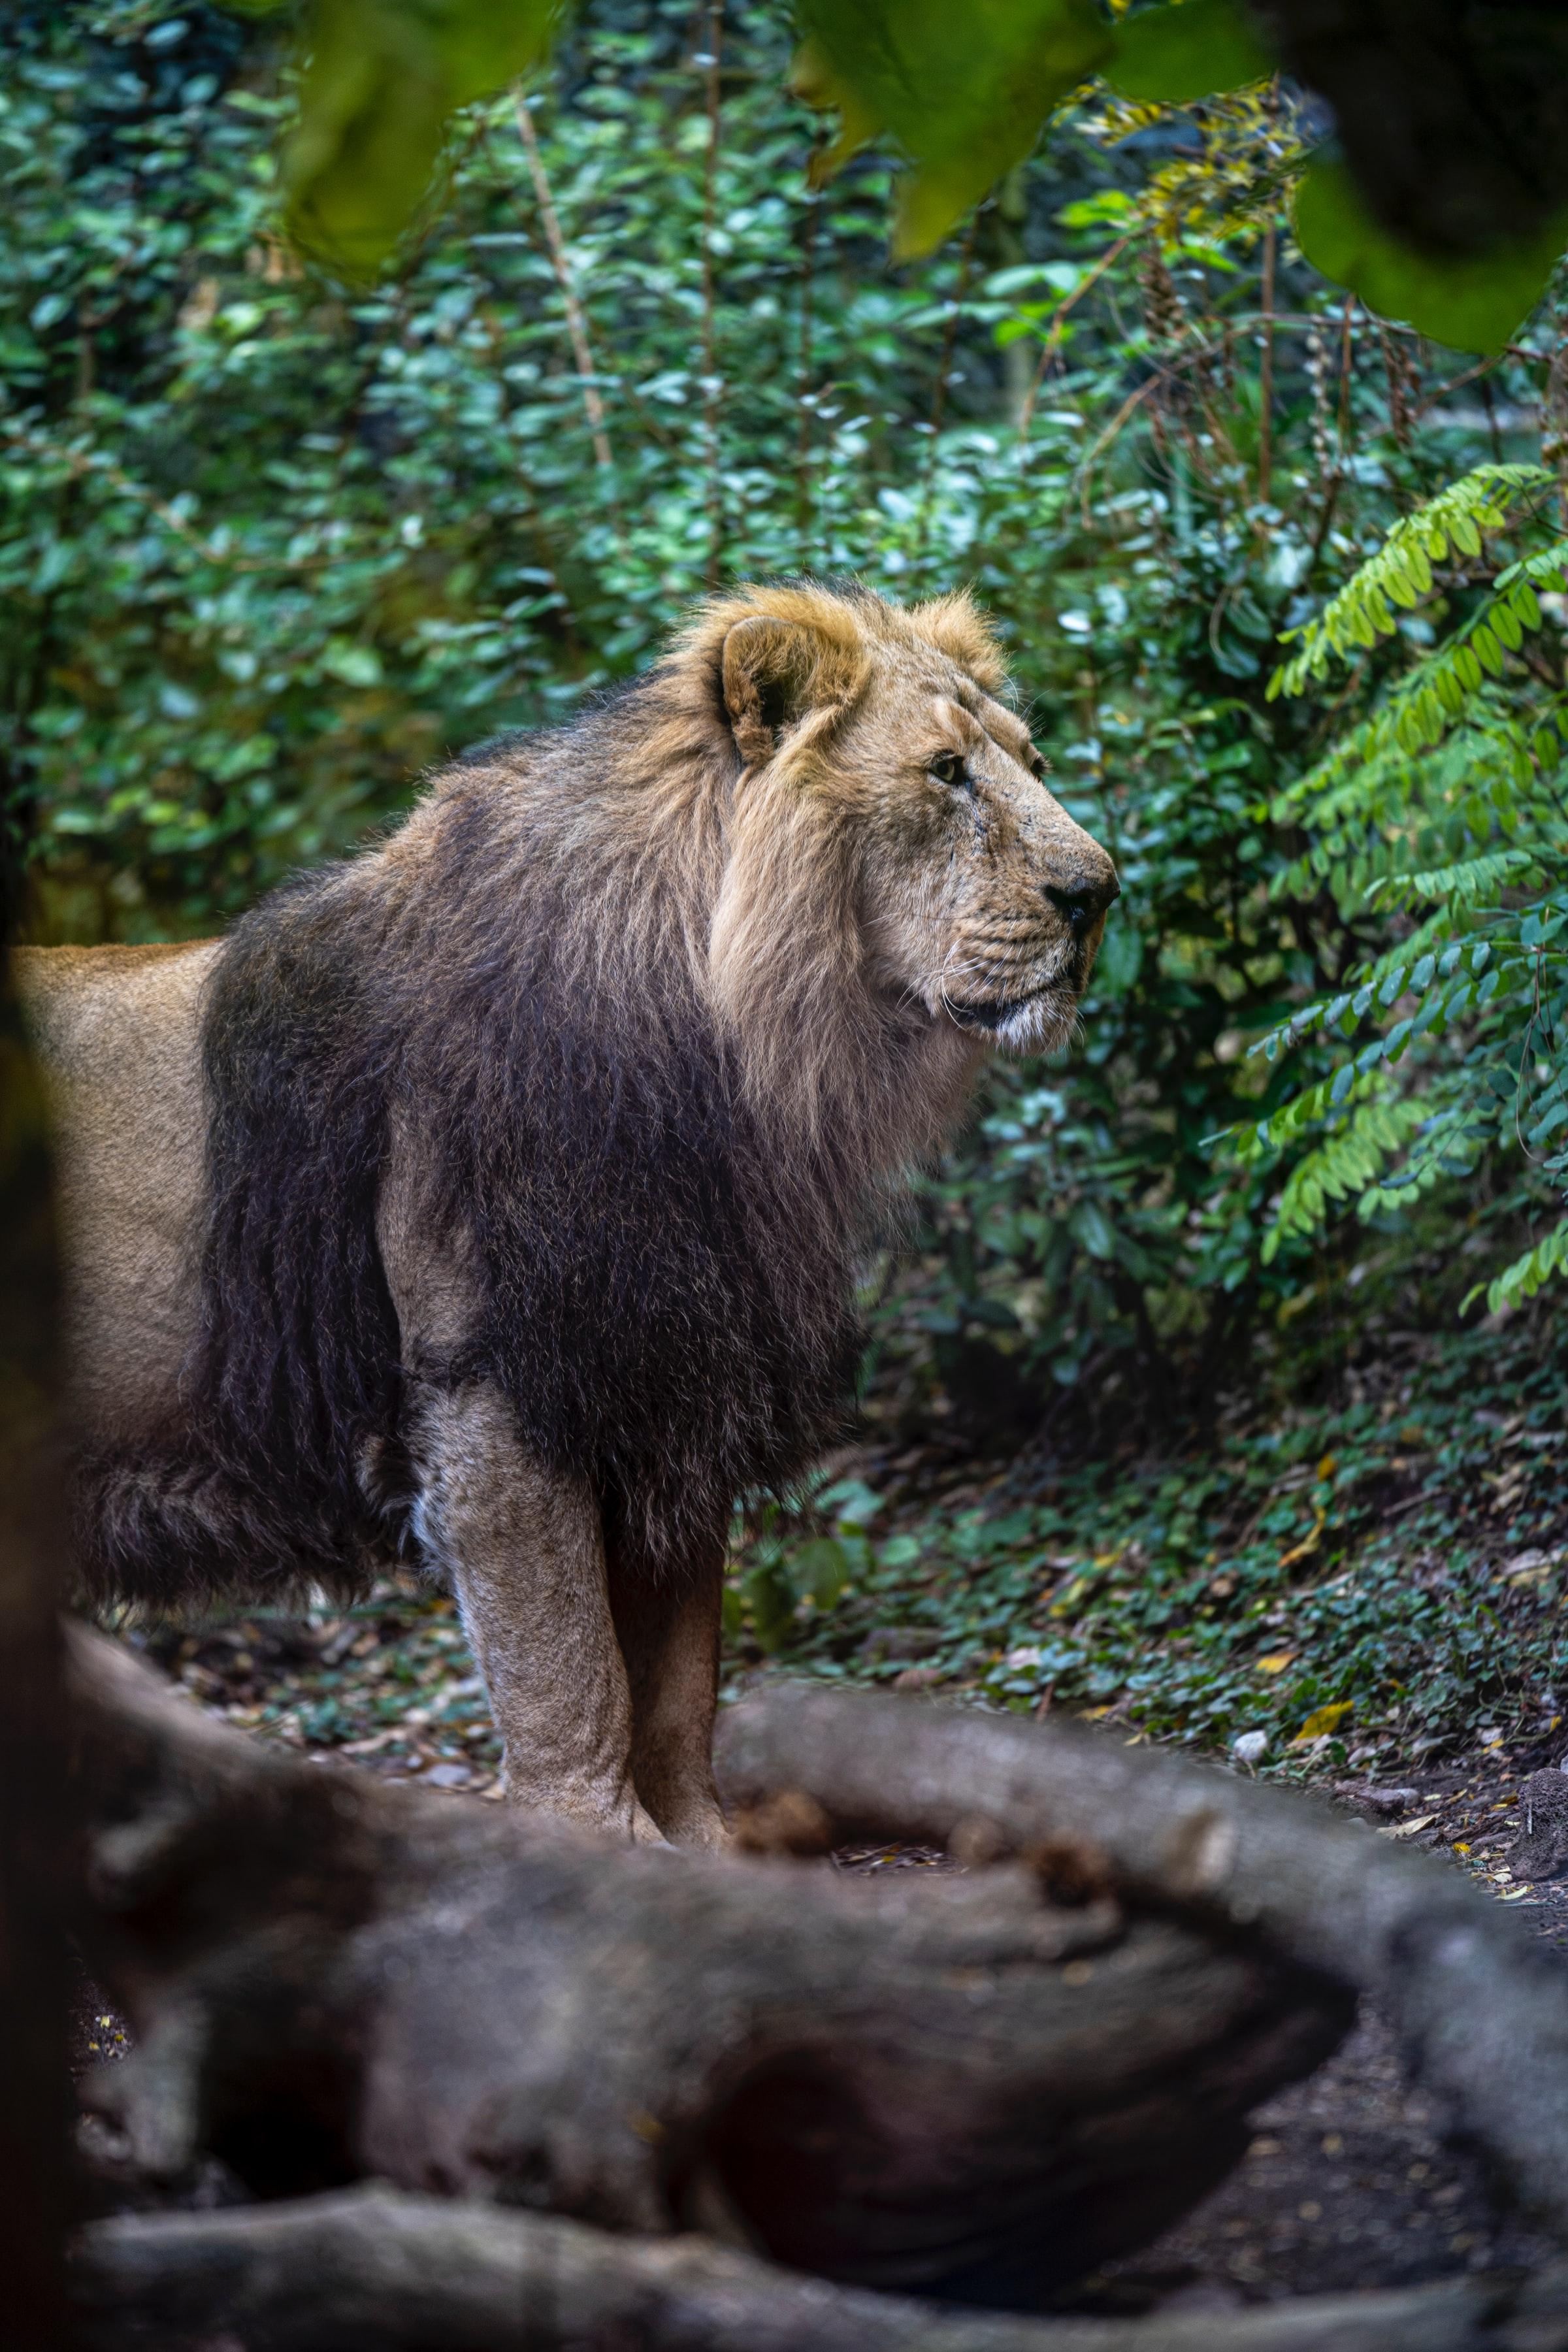 67492 Protetores de tela e papéis de parede Rei Das Feras em seu telefone. Baixe Animais, Leão, Um Leão, Predator, Predador, Gato Grande, Rei Das Feras, Rei Das Bestas, Selvagem fotos gratuitamente